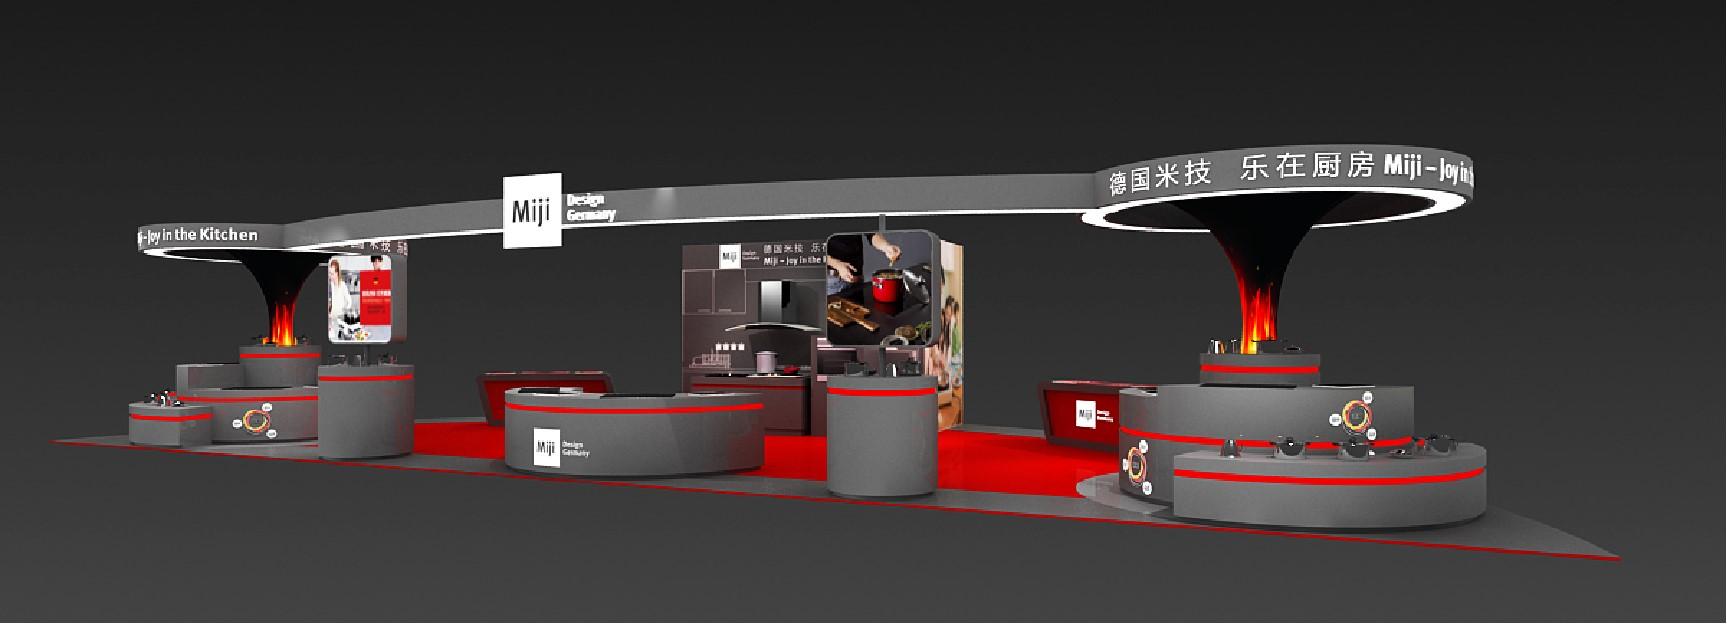 德国米技展台设计搭建效果图